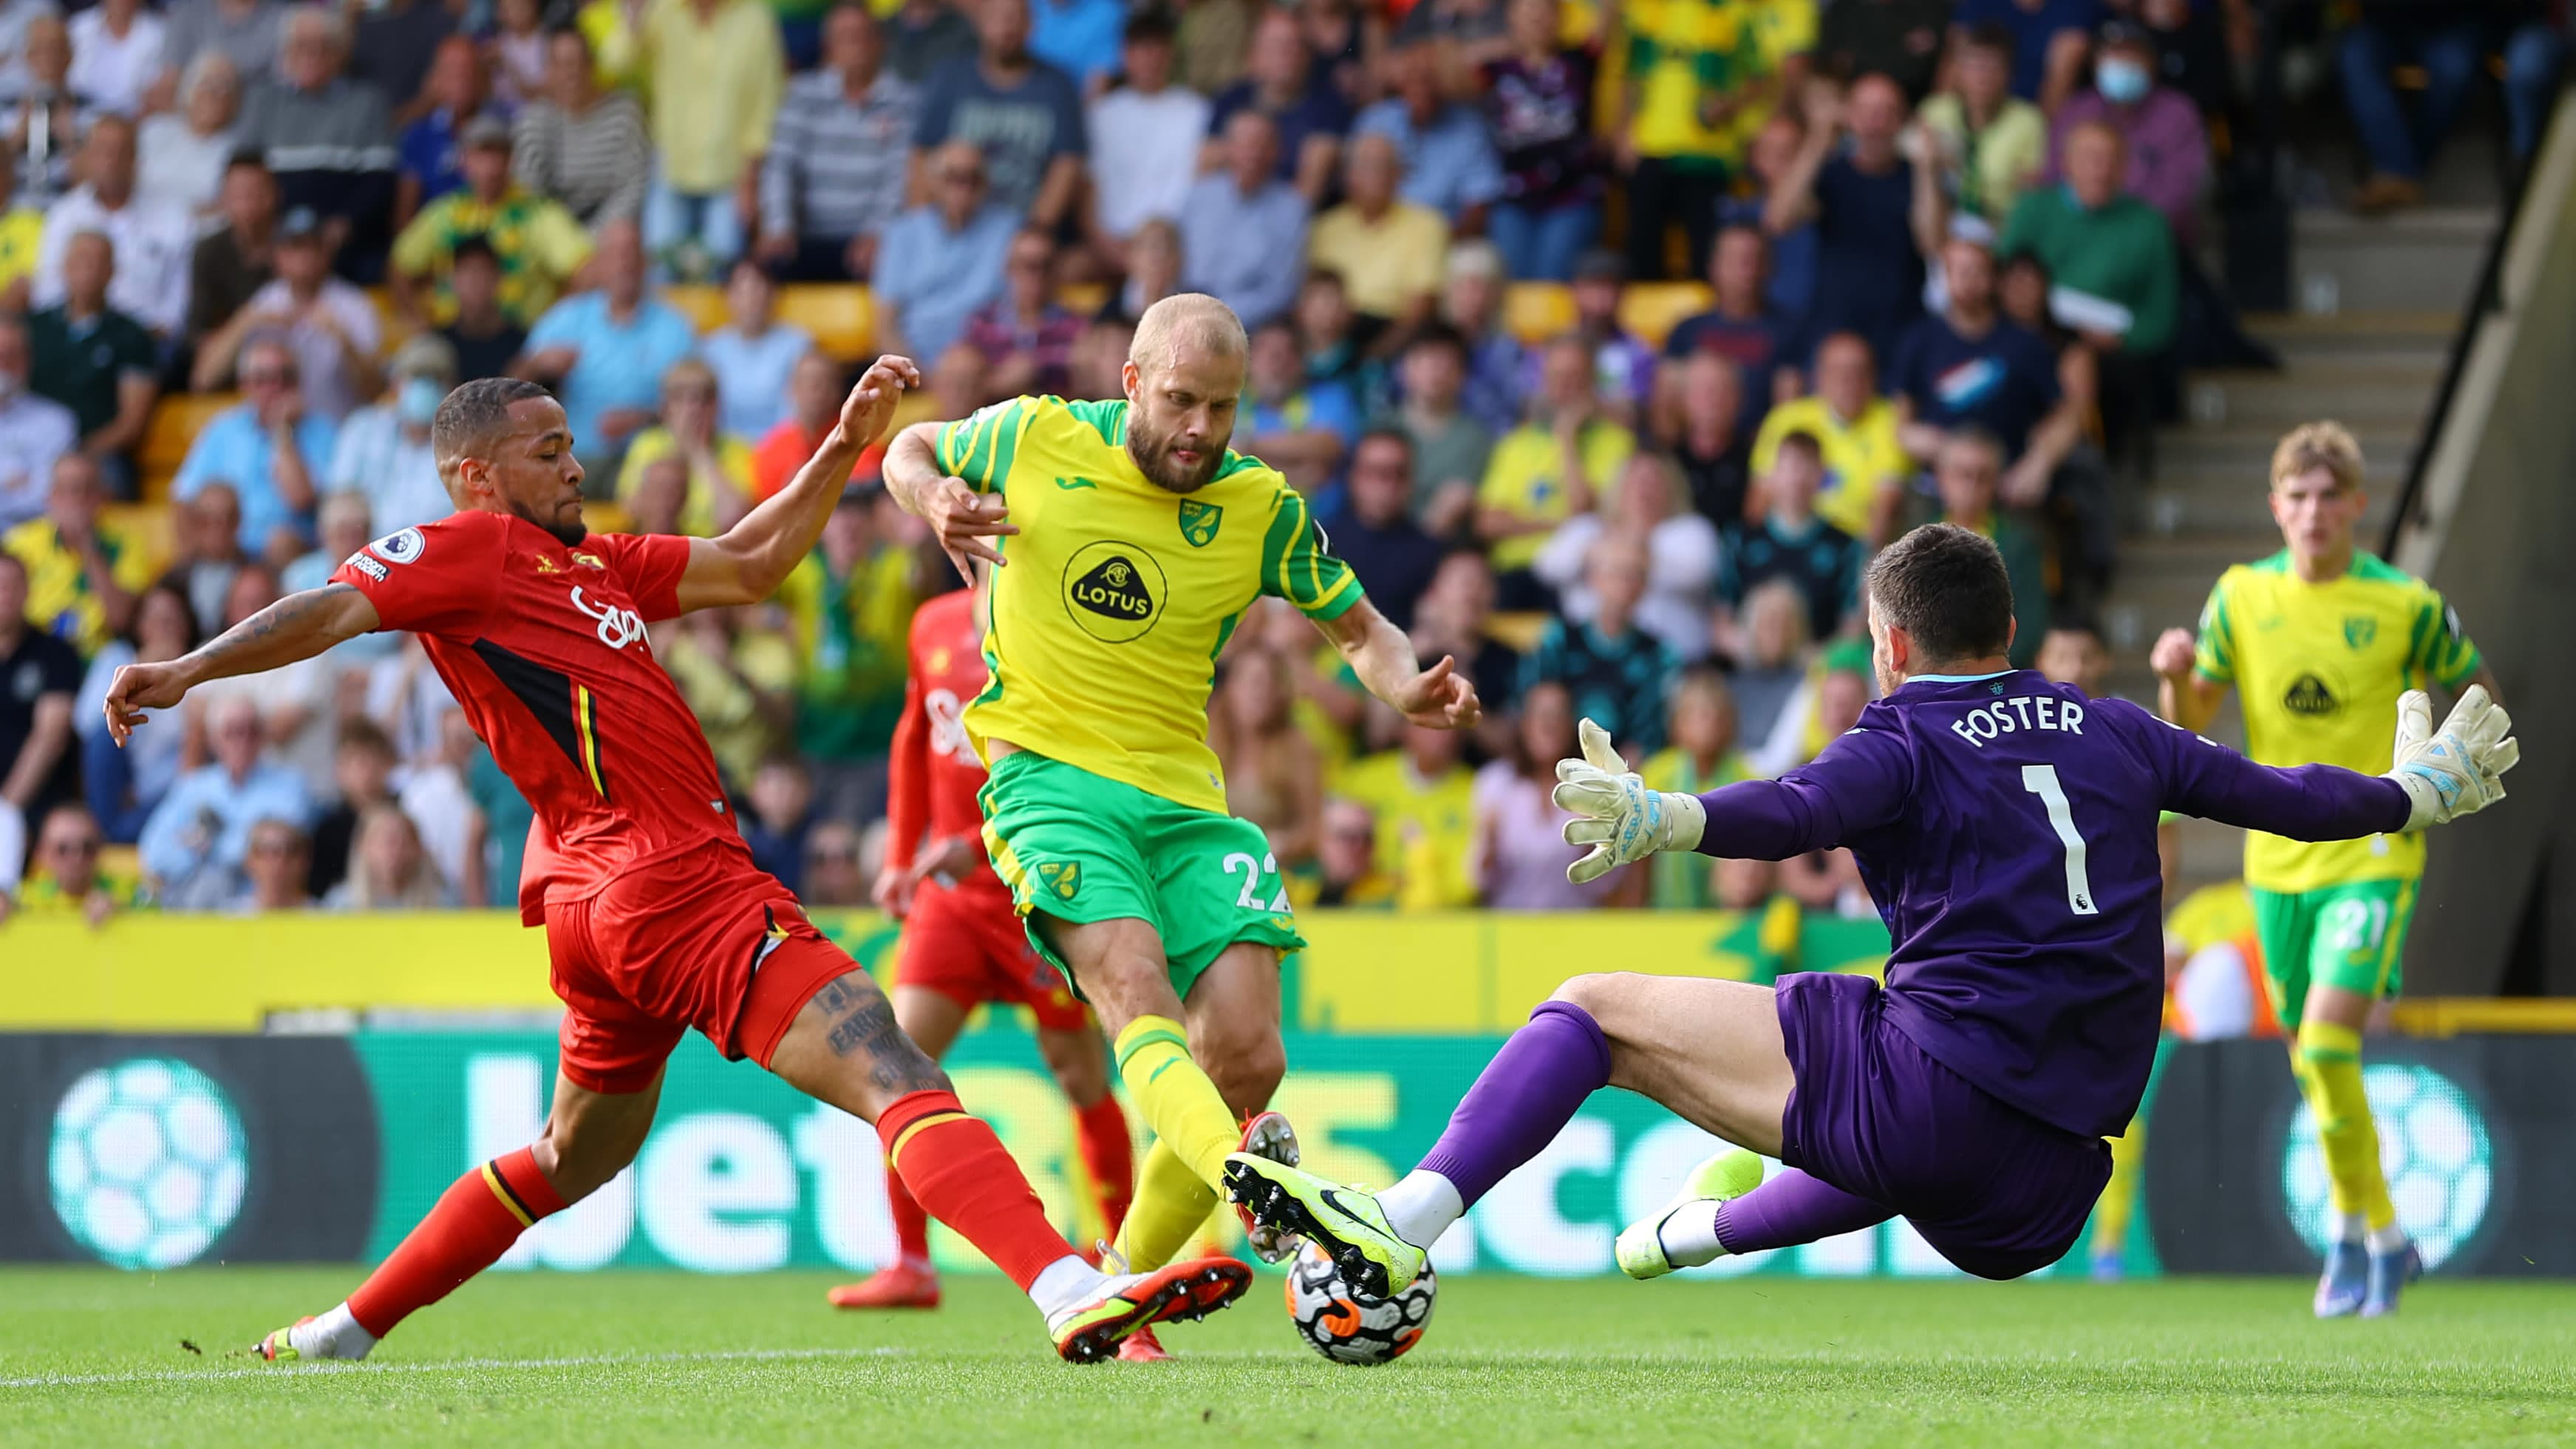 Teemu Pukki vs Watford, 18.9.2021